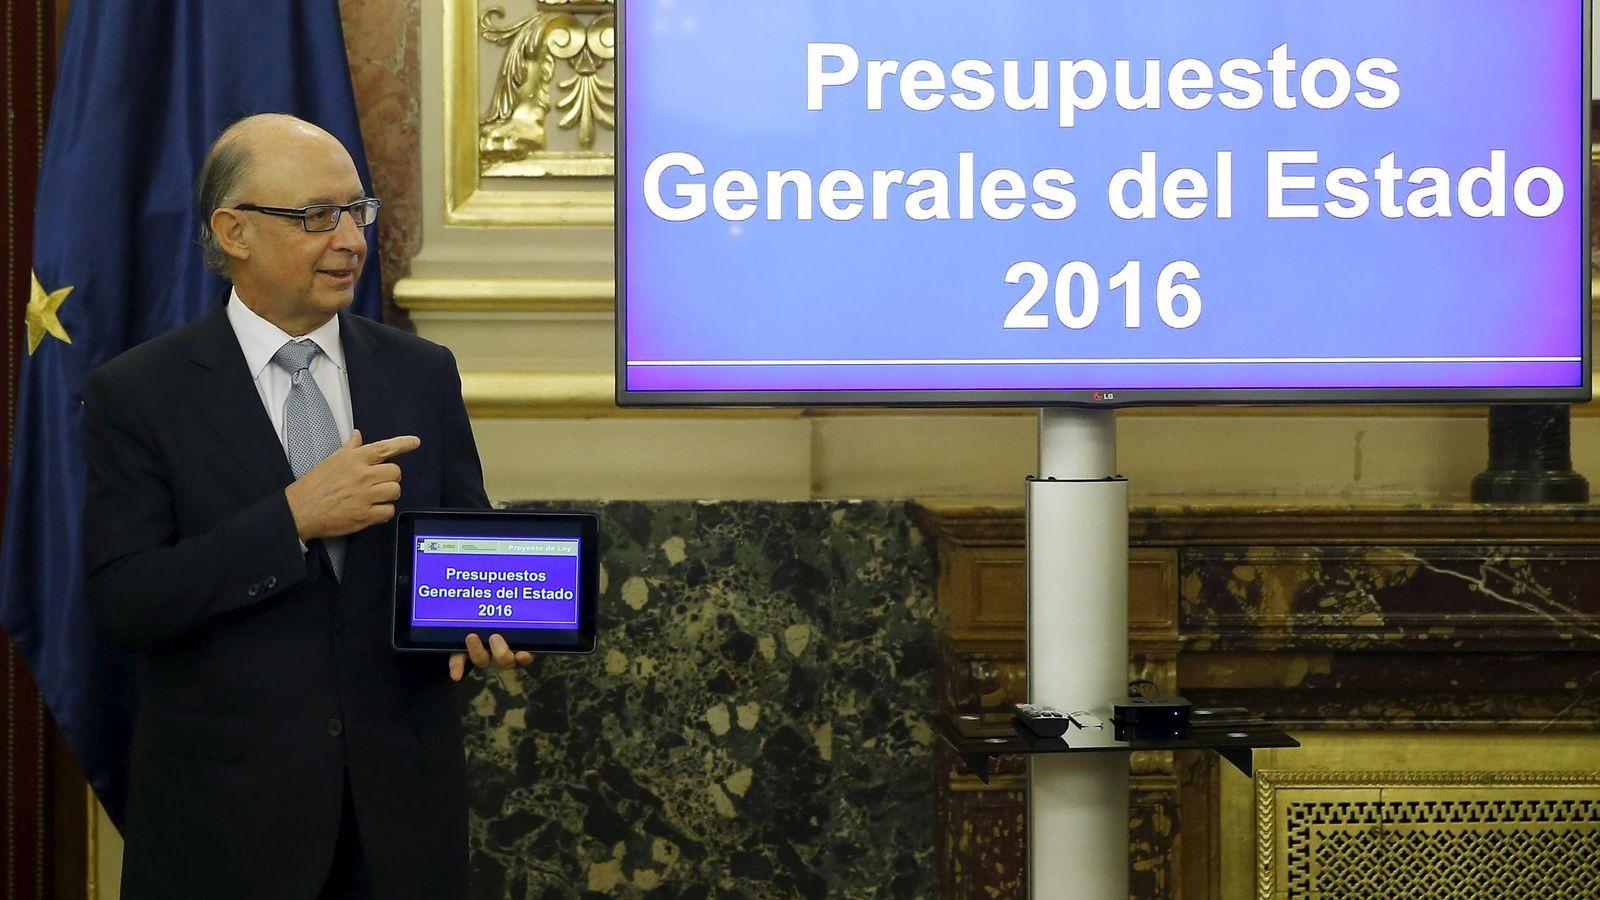 Foto: El ministro de Hacienda y Administraciones Públicas, Cristóbal Montoro. (REUTERS)